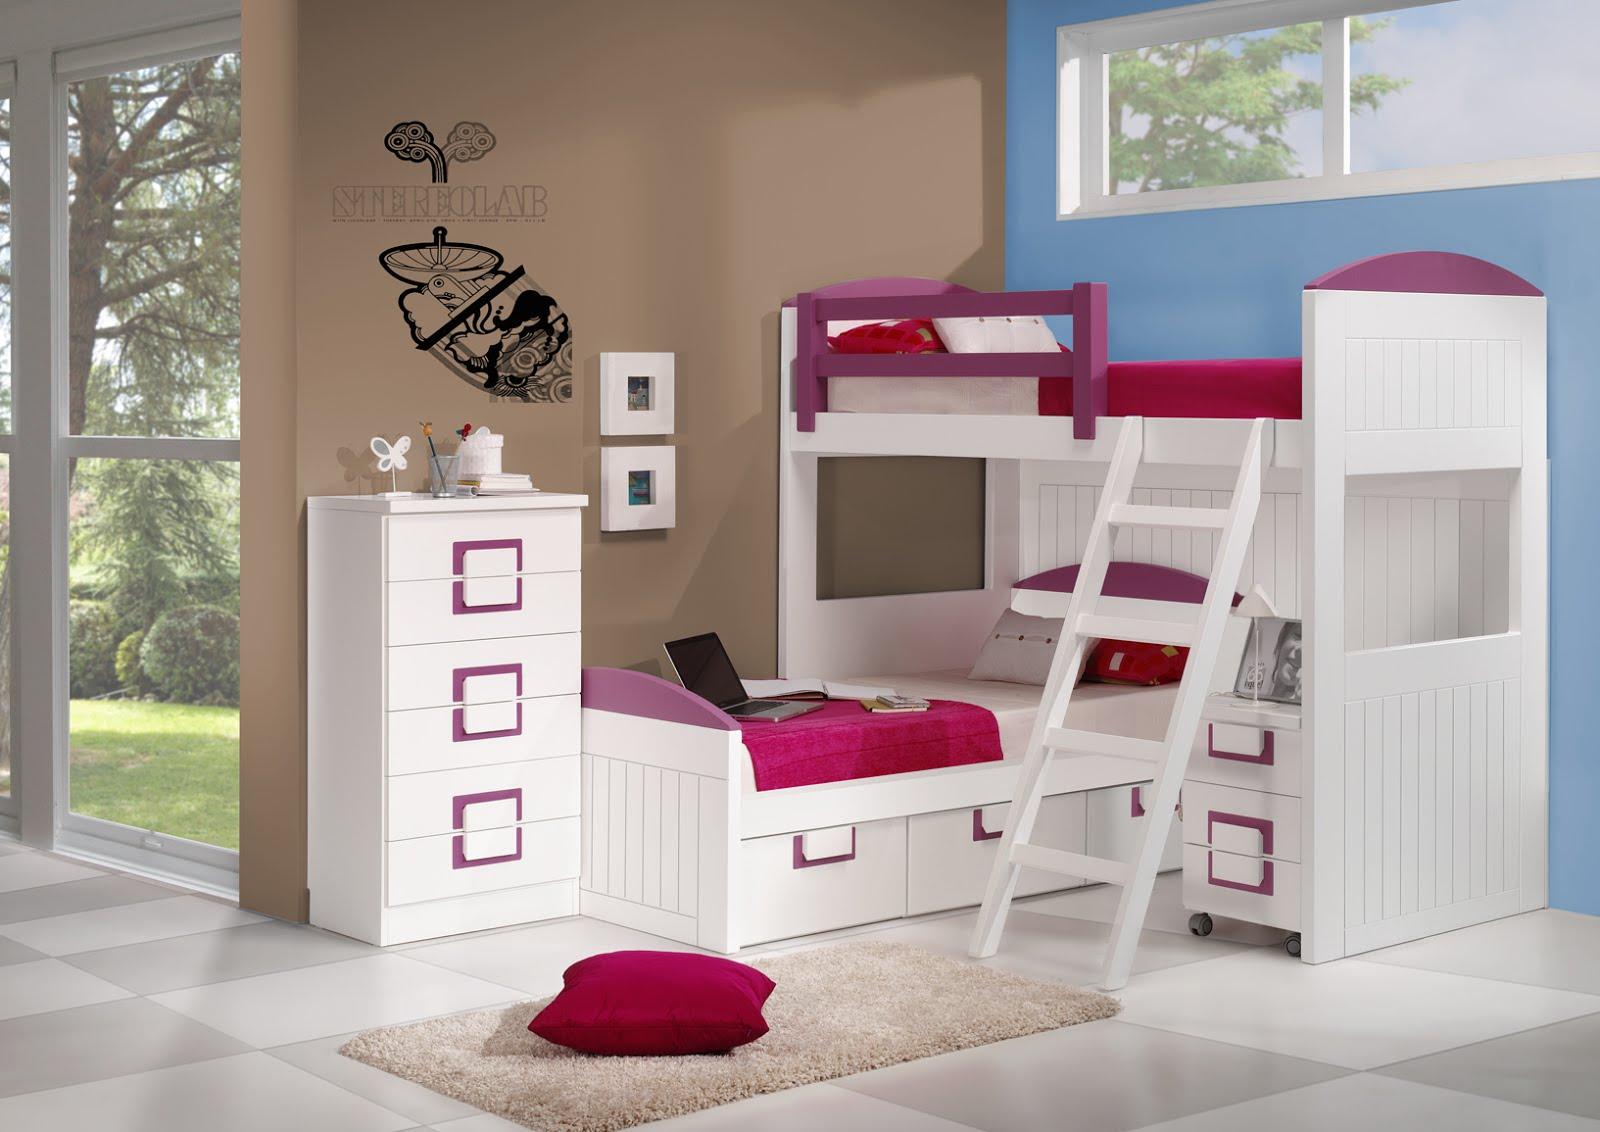 Dormitorio juvenil con literas cruzadas blancas con 2 camas y 3 cajones mesilla con 3 cajones y - Fotos camas infantiles ...